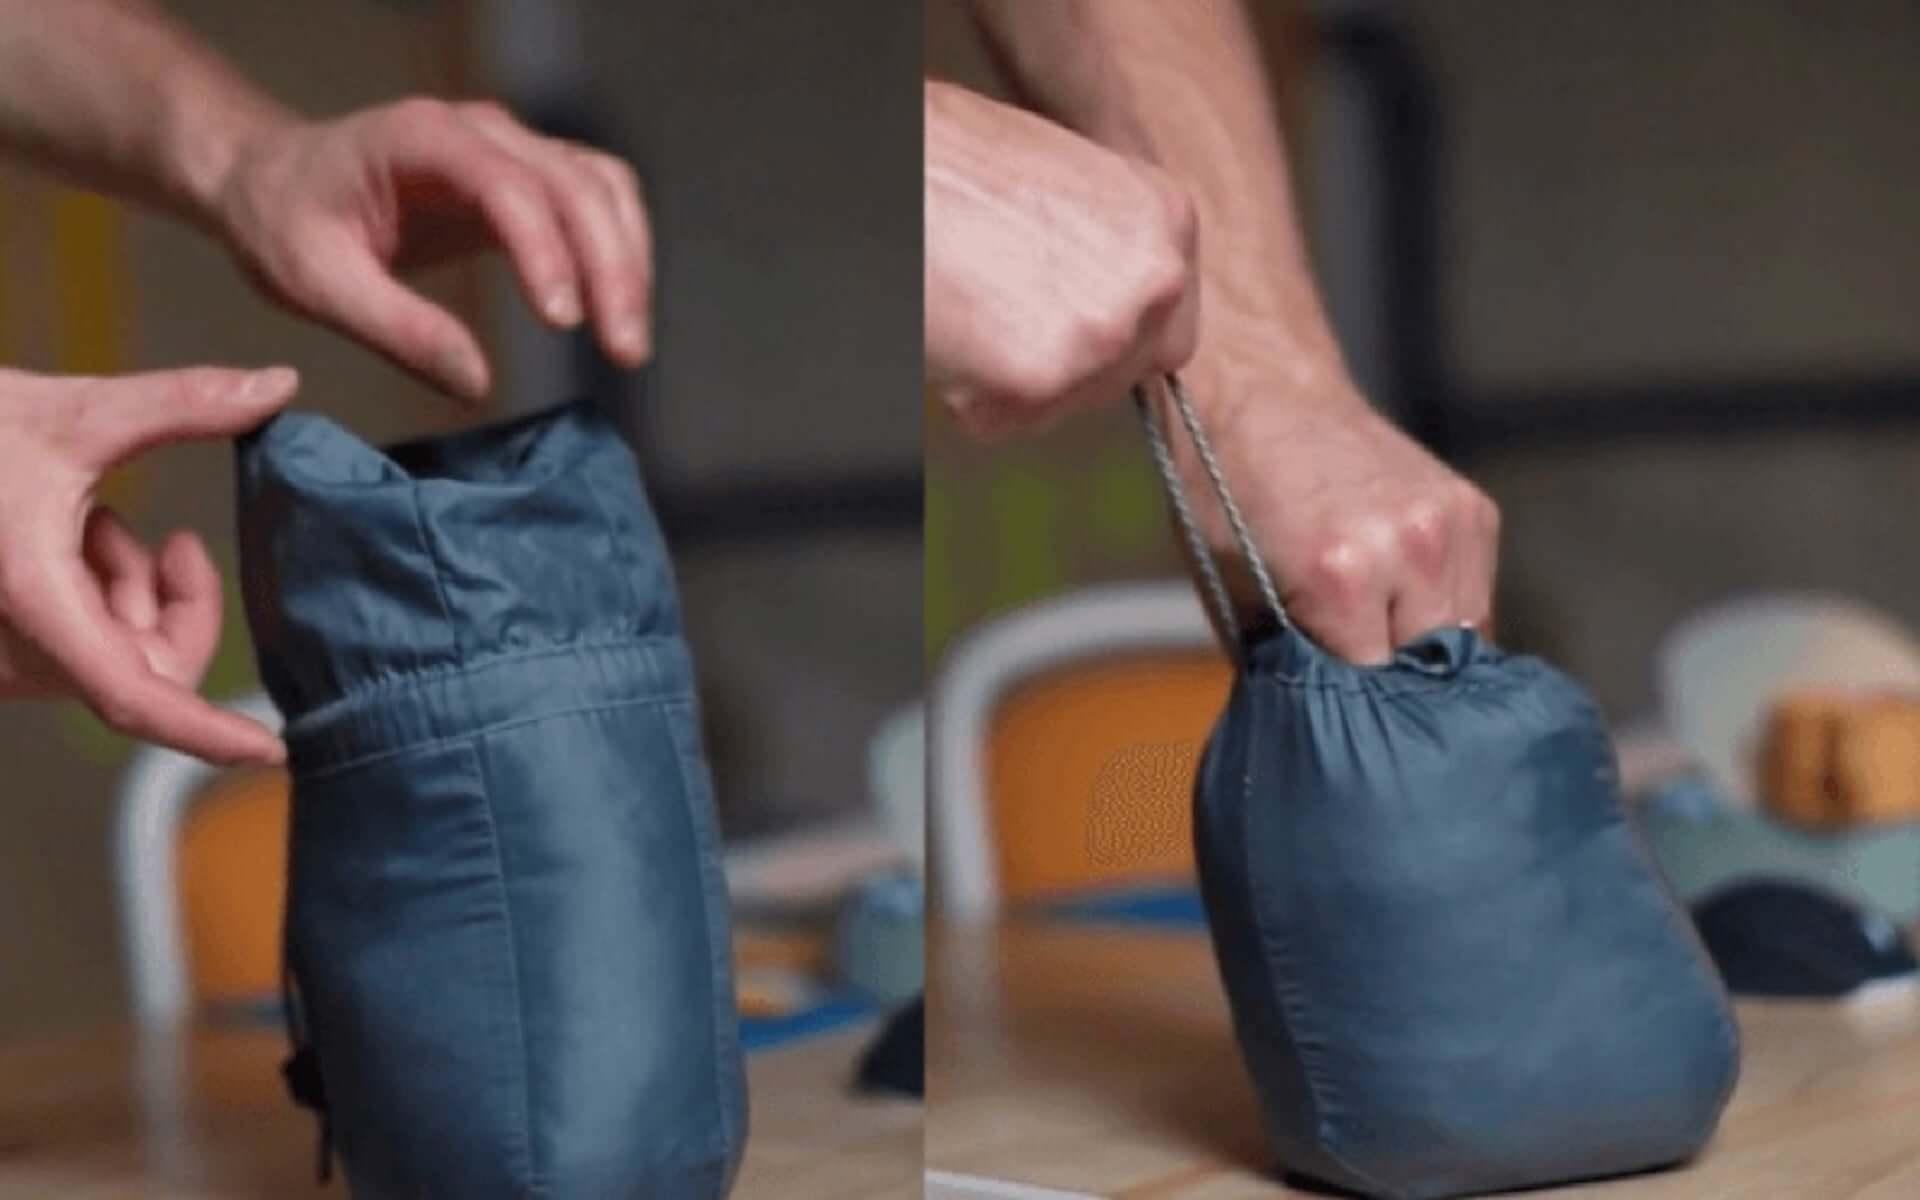 ブランケットが超軽量の拳サイズ?|GRAVELの新製品「ポケッタブル・ブランケット」の先行予約が開始 tech190827_gravel_3-1920x1200